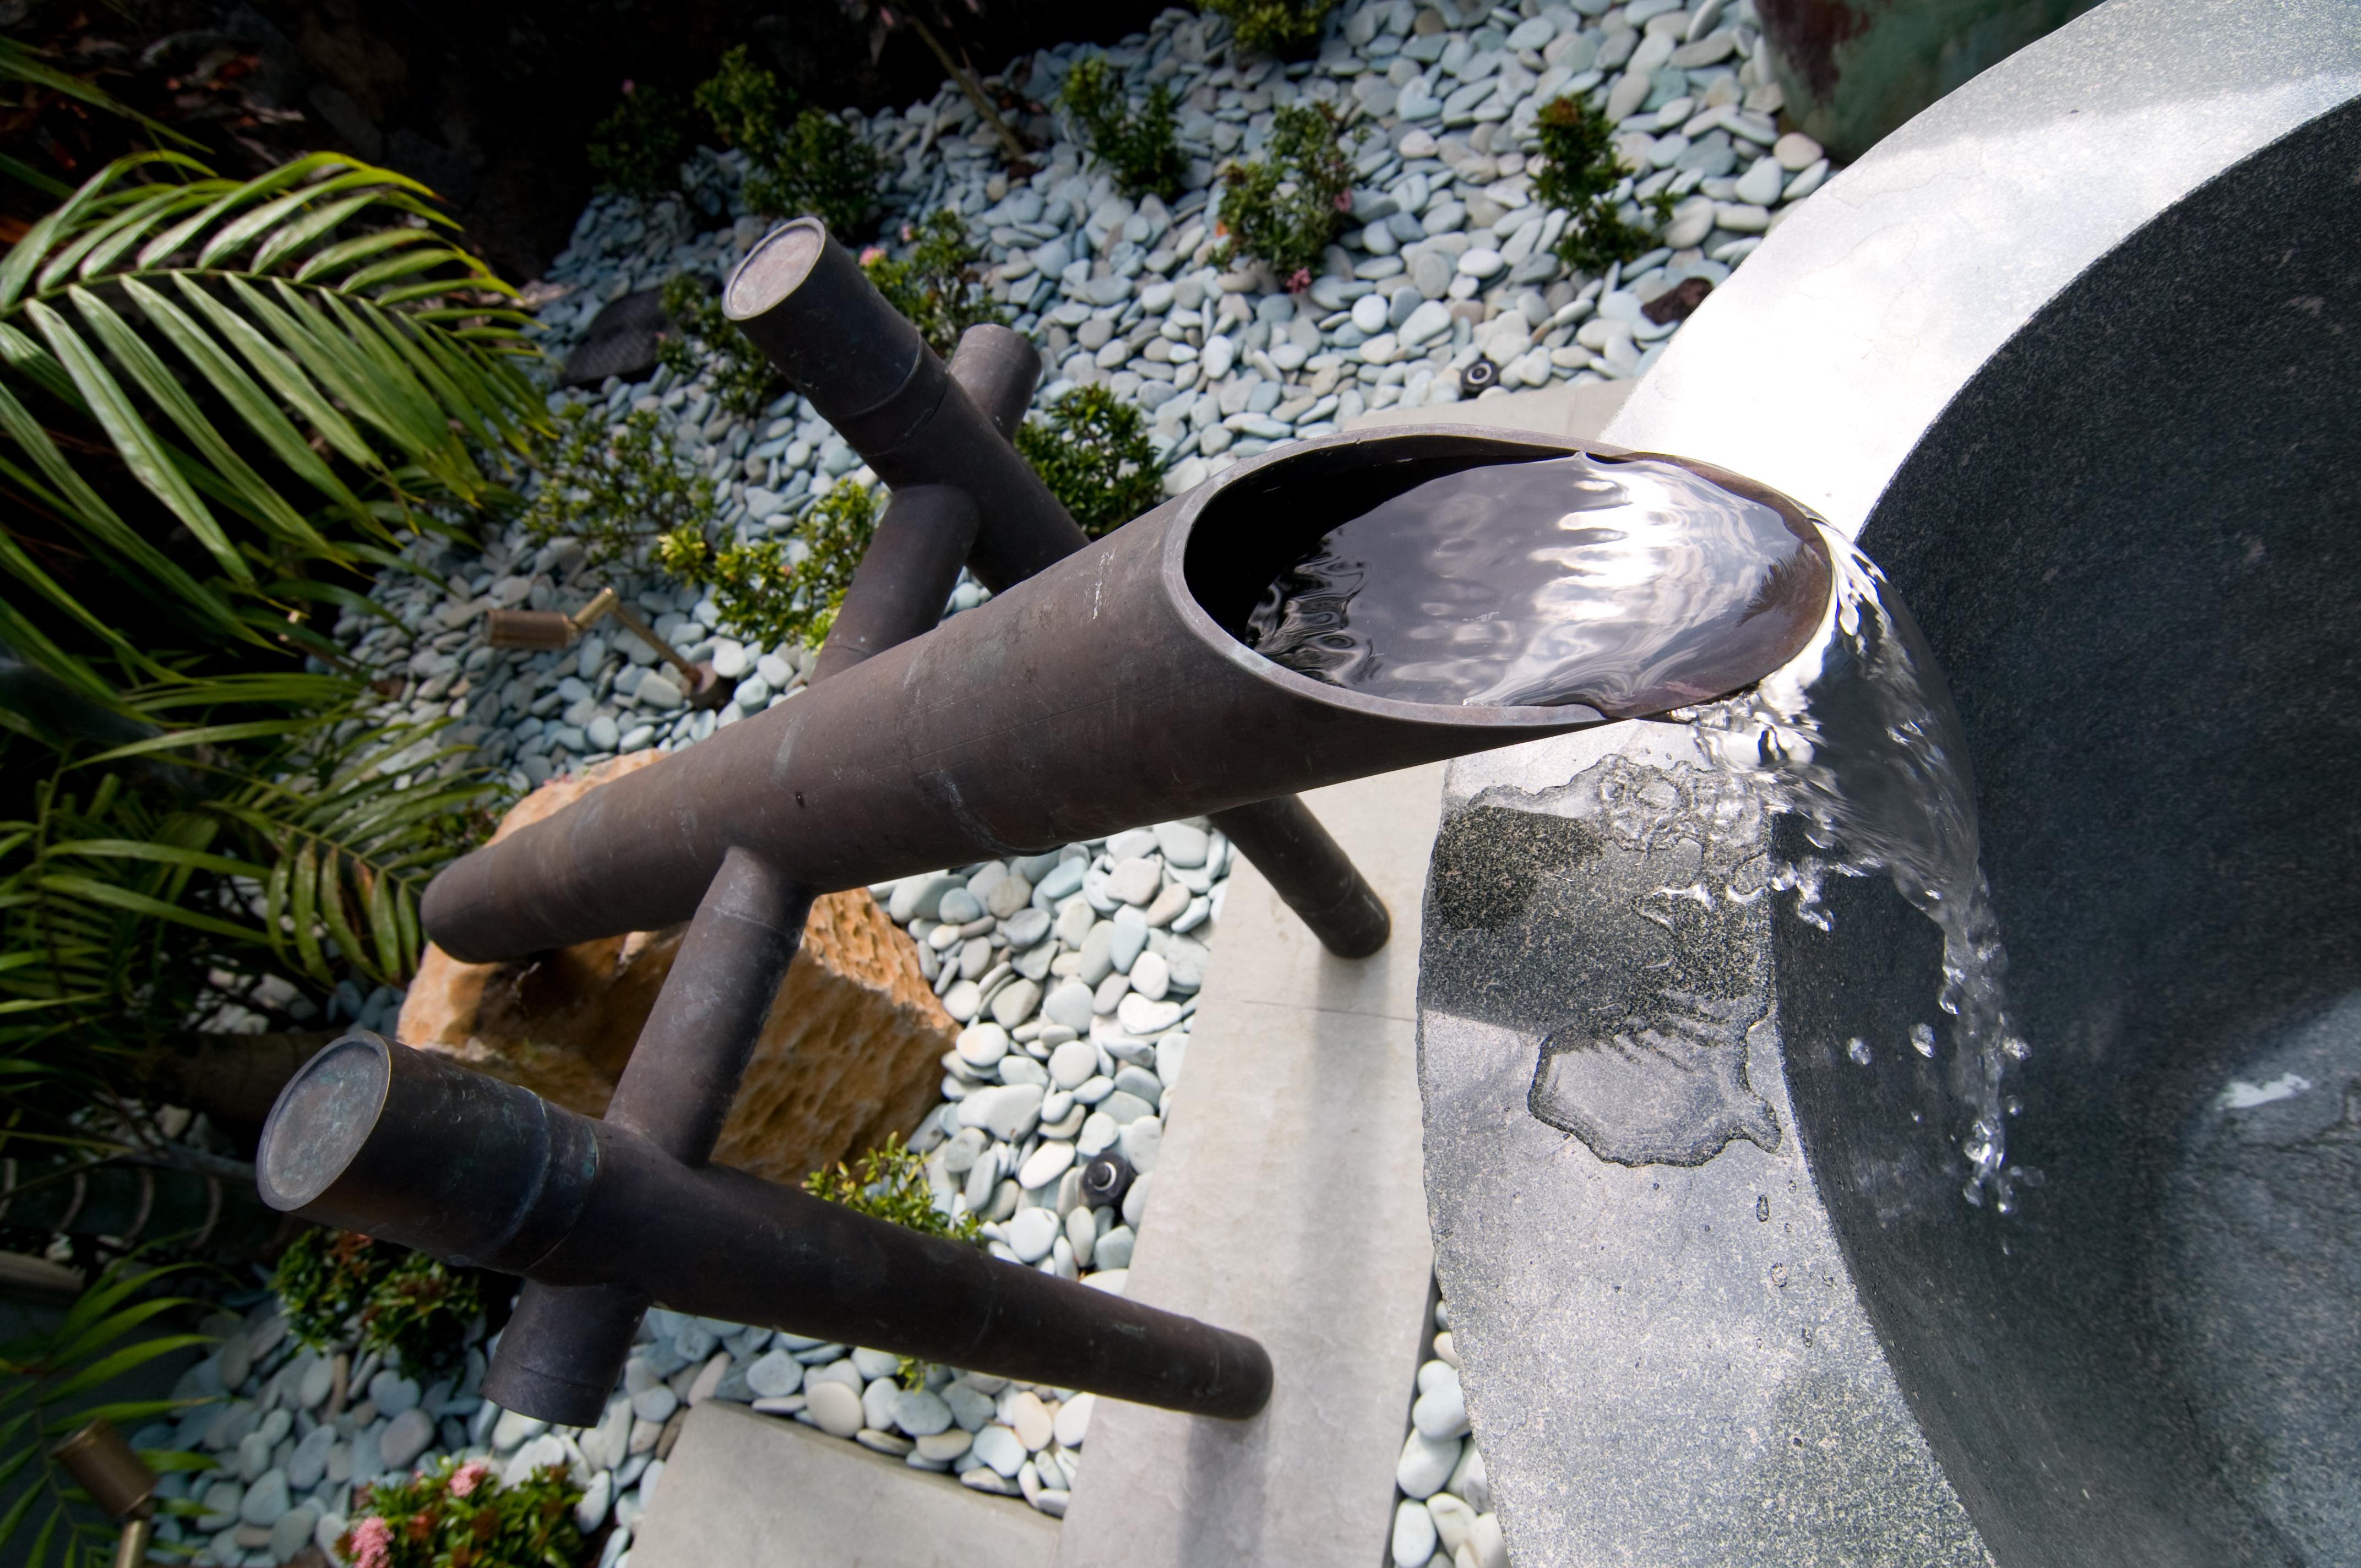 Bamboo faucet